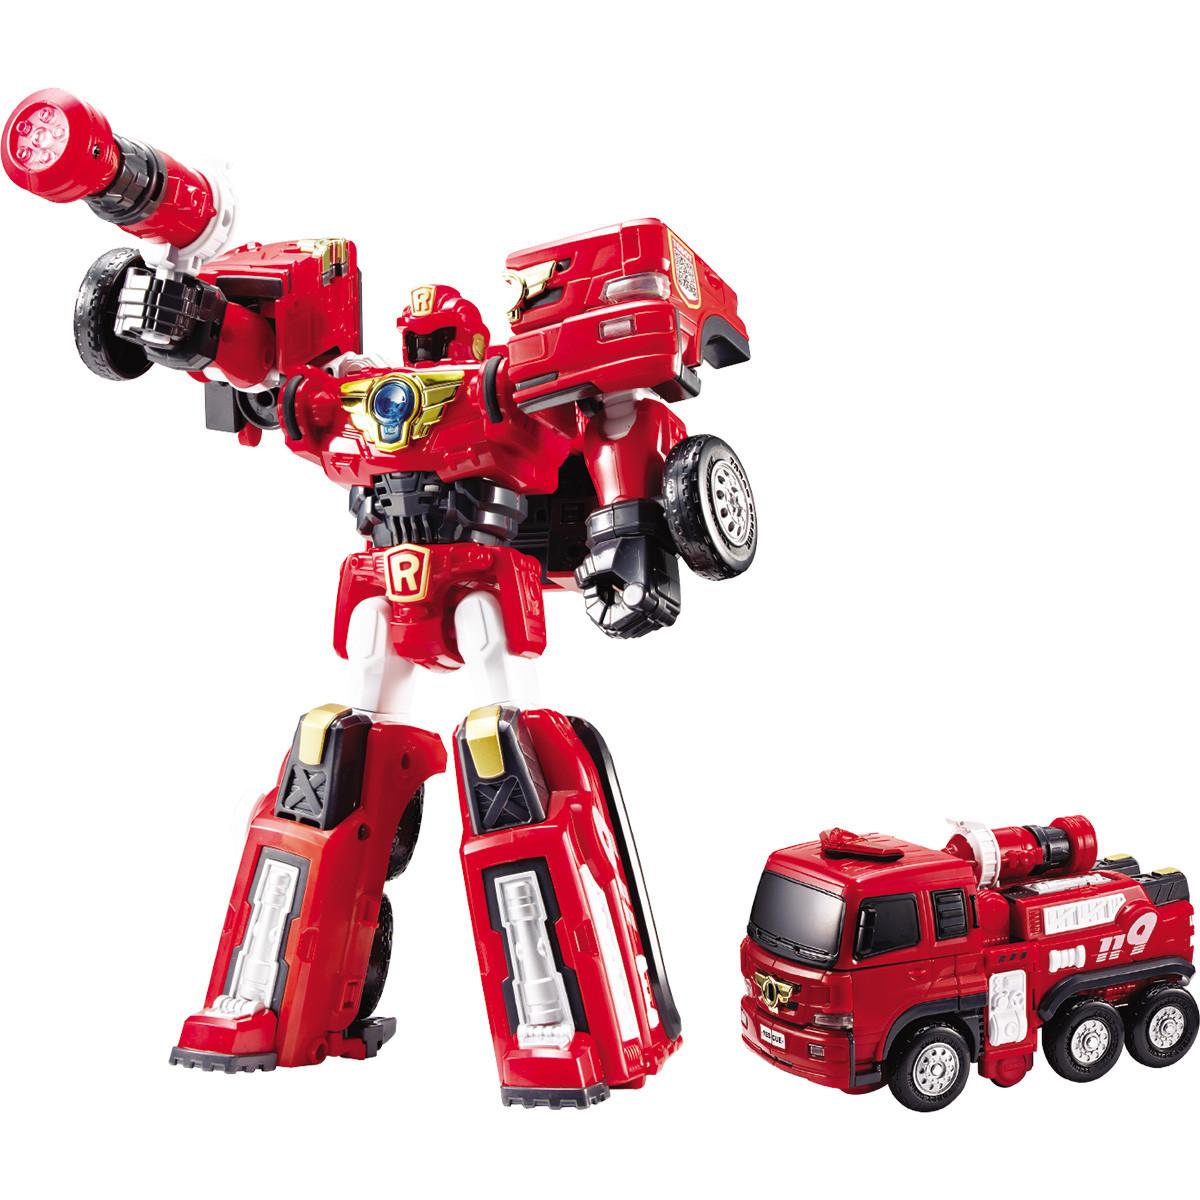 Tobot Робот-трансформер Тобот R